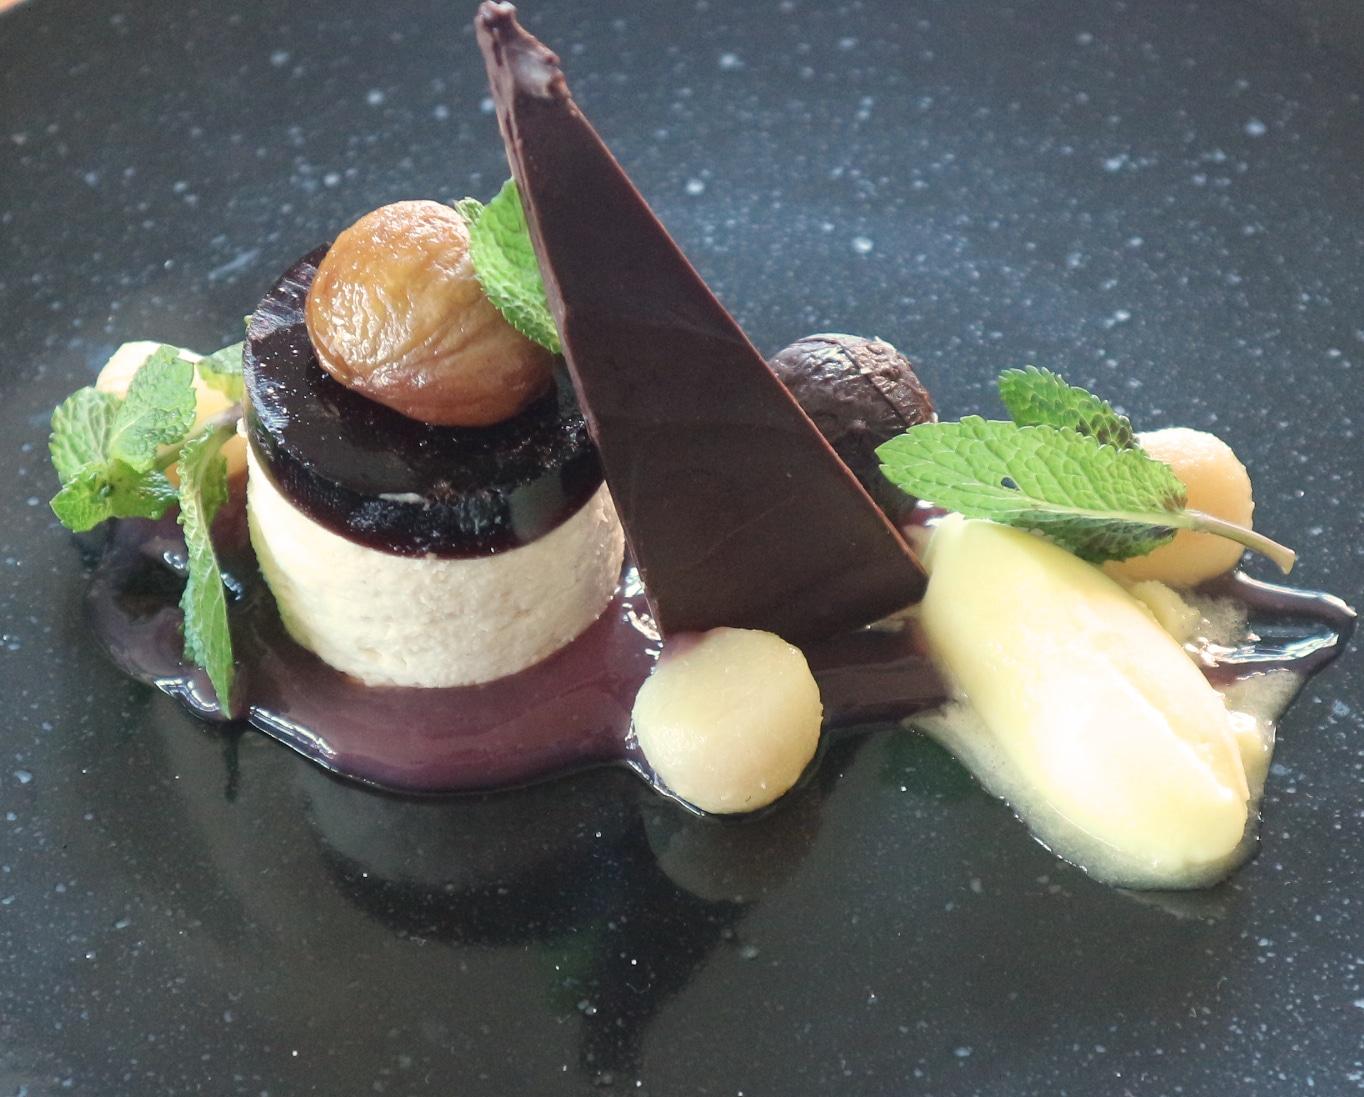 Maroni Schokoladen mouse von Küchenchef Johannes Fasching in der Wasnerin